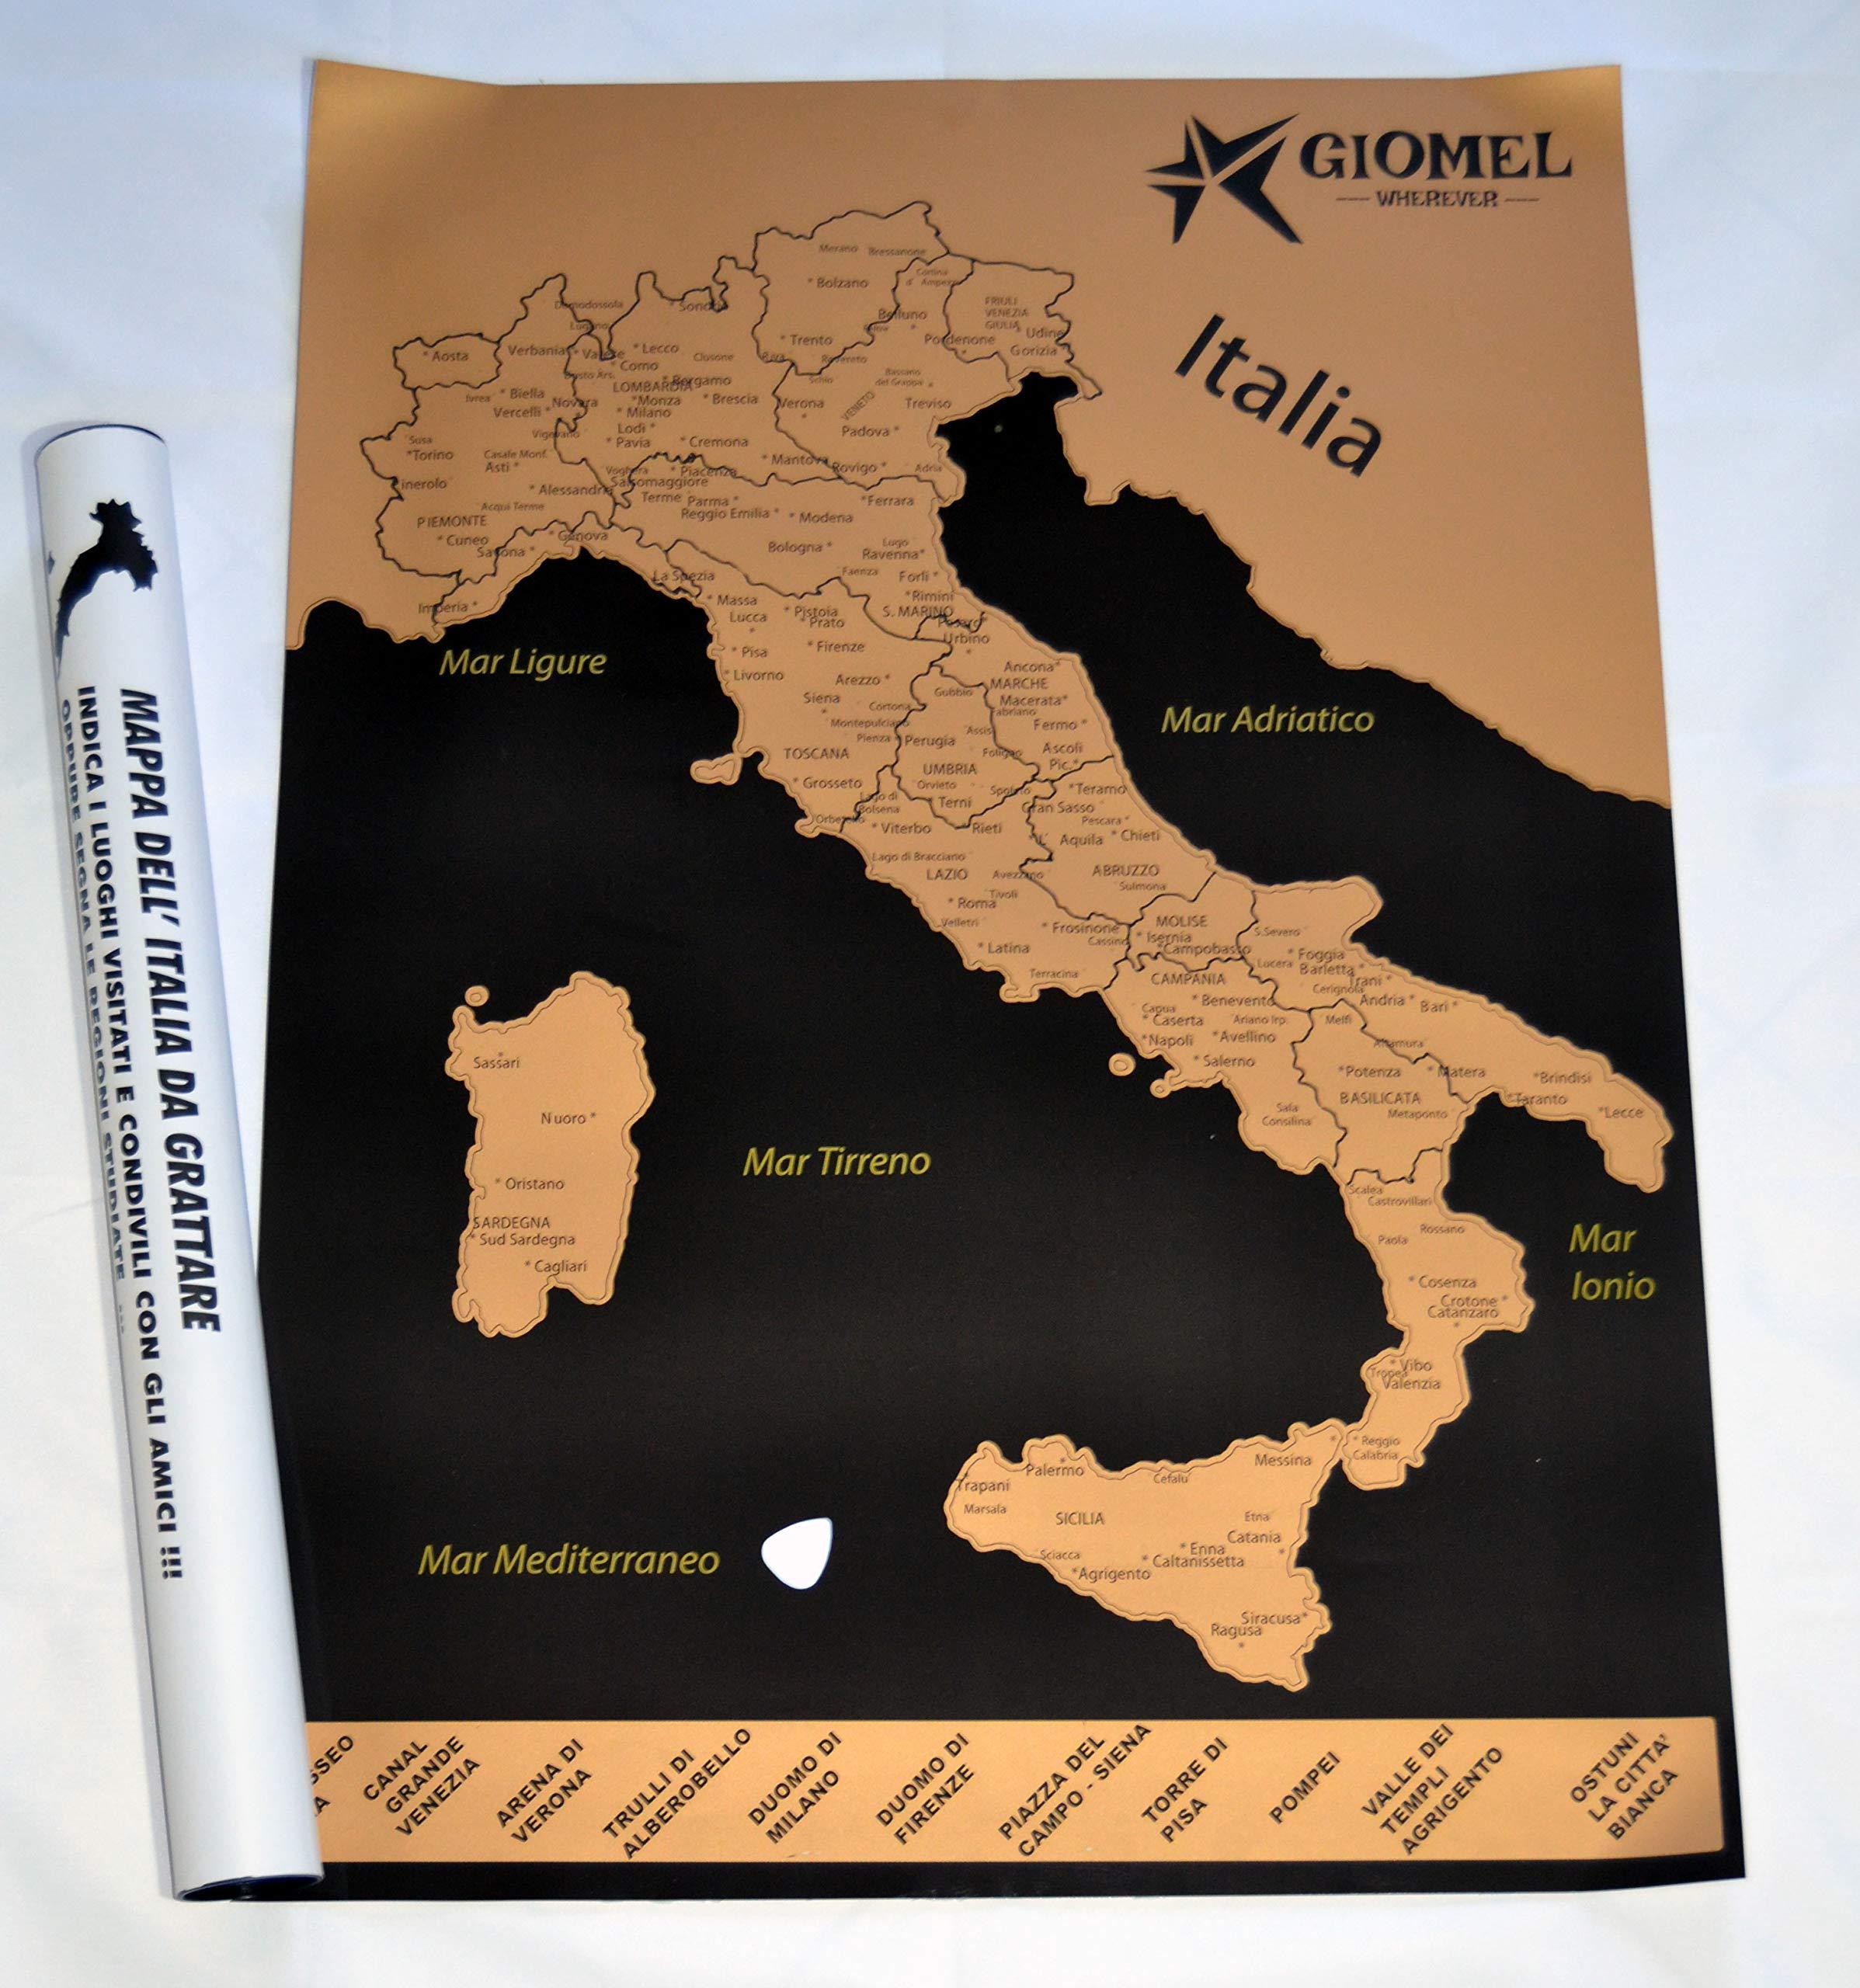 Cartina Italiana Dettagliata.Mappa Italia Da Grattare Regalo Viaggiatori E Camperisti Diario Di Viaggio Camper Cartina Studenti Scratchable Faceshopping